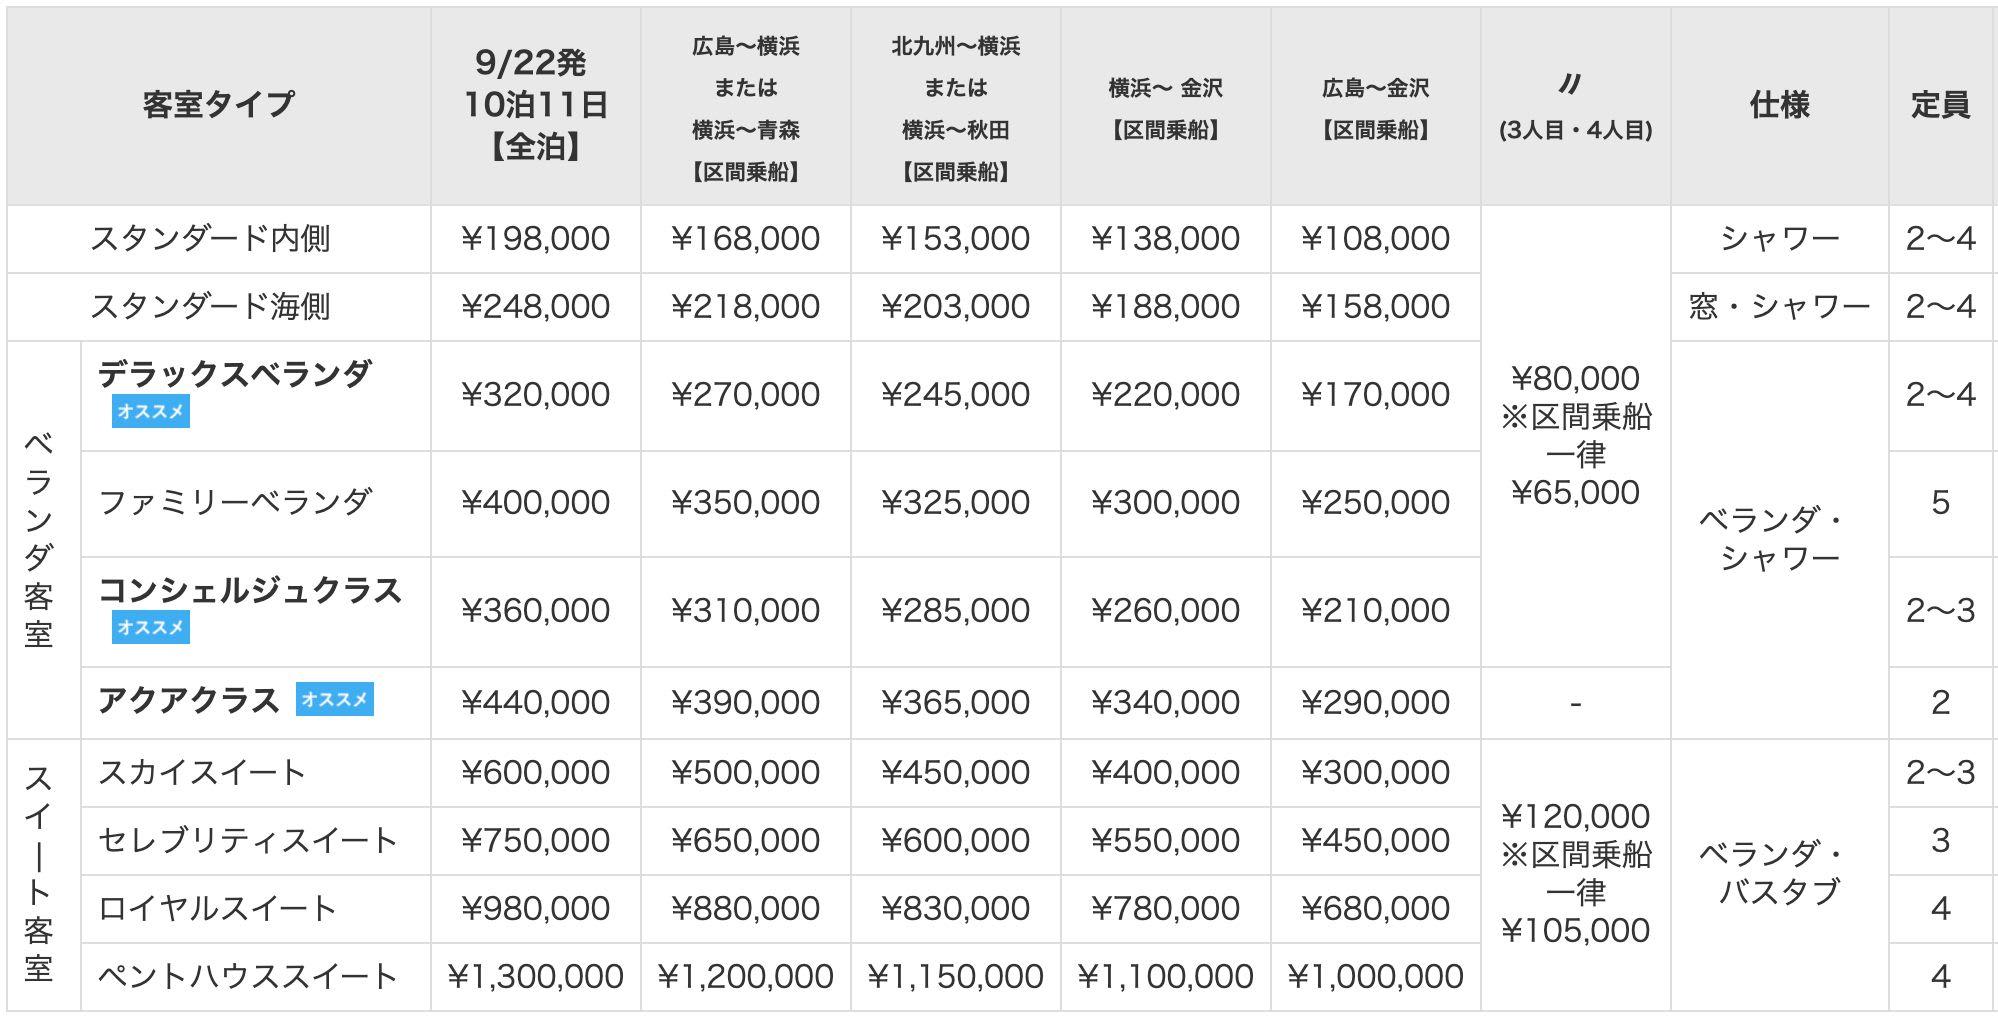 「セレブリティ・ミレニアムで航く、秋の日本周遊クルーズ」の料金表